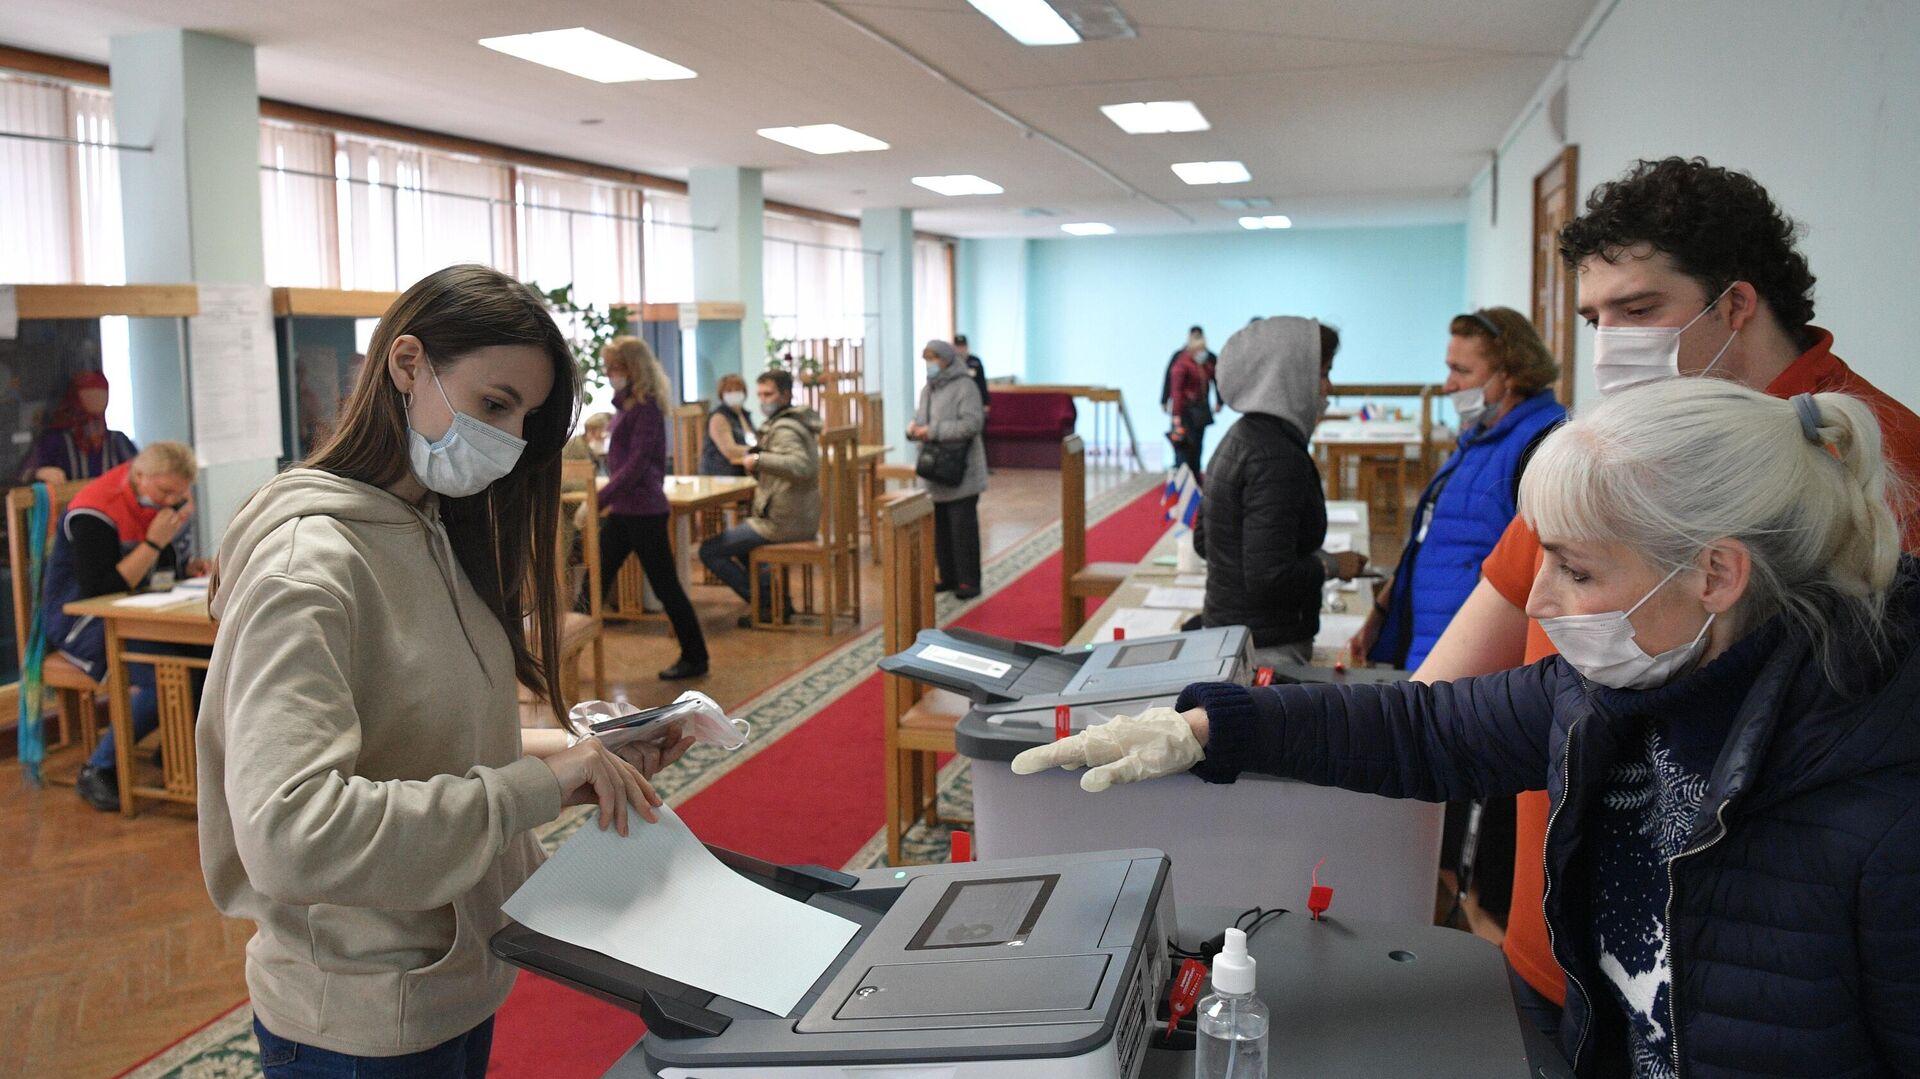 Девушка голосует на избирательном участке в Архангельской области - РИА Новости, 1920, 13.09.2020